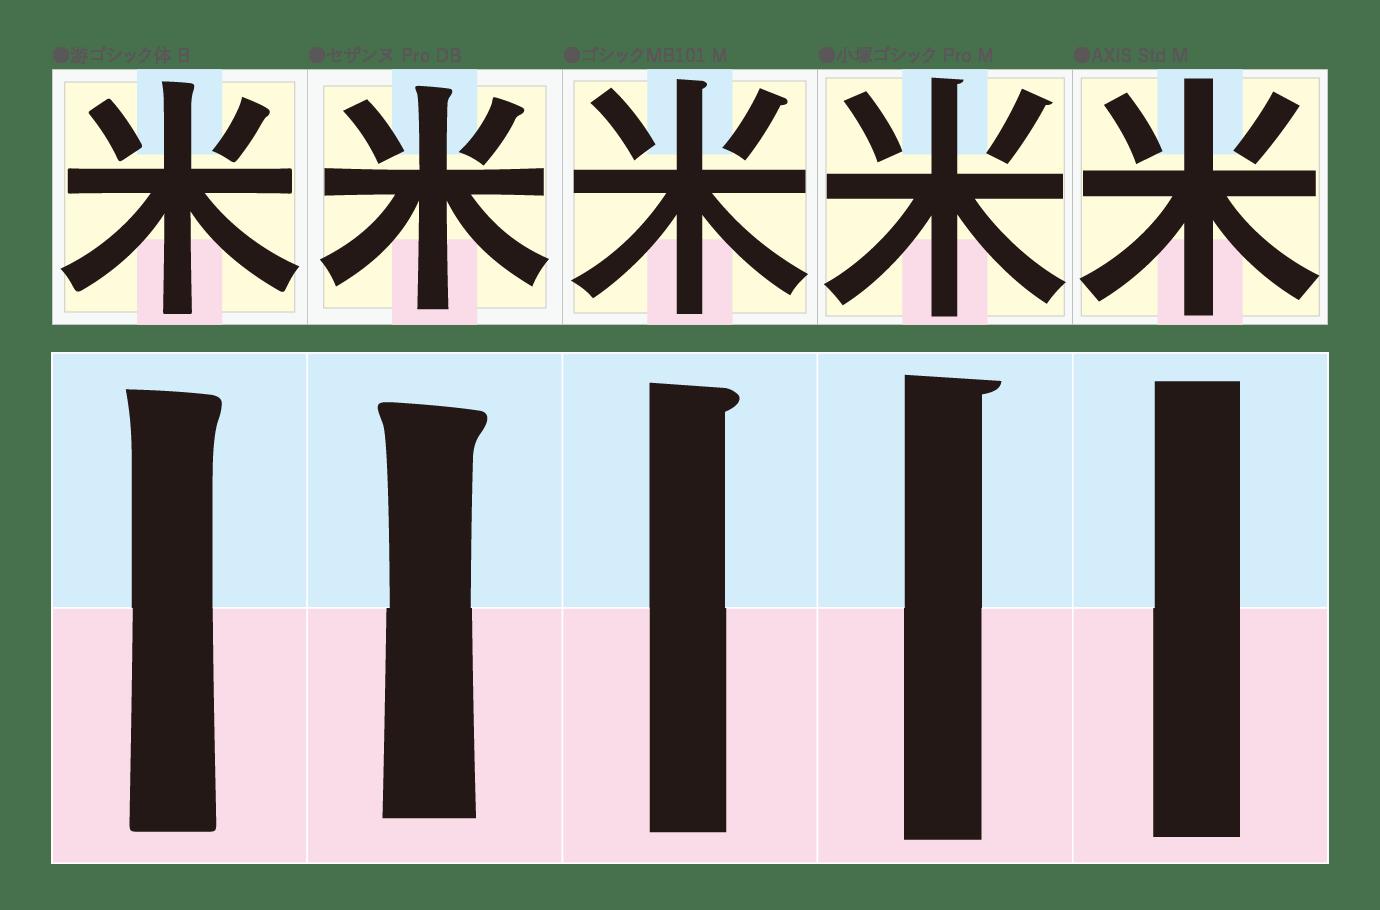 楷書書法での三過節は起筆・送筆・収筆の筆脈(ゴシック体)